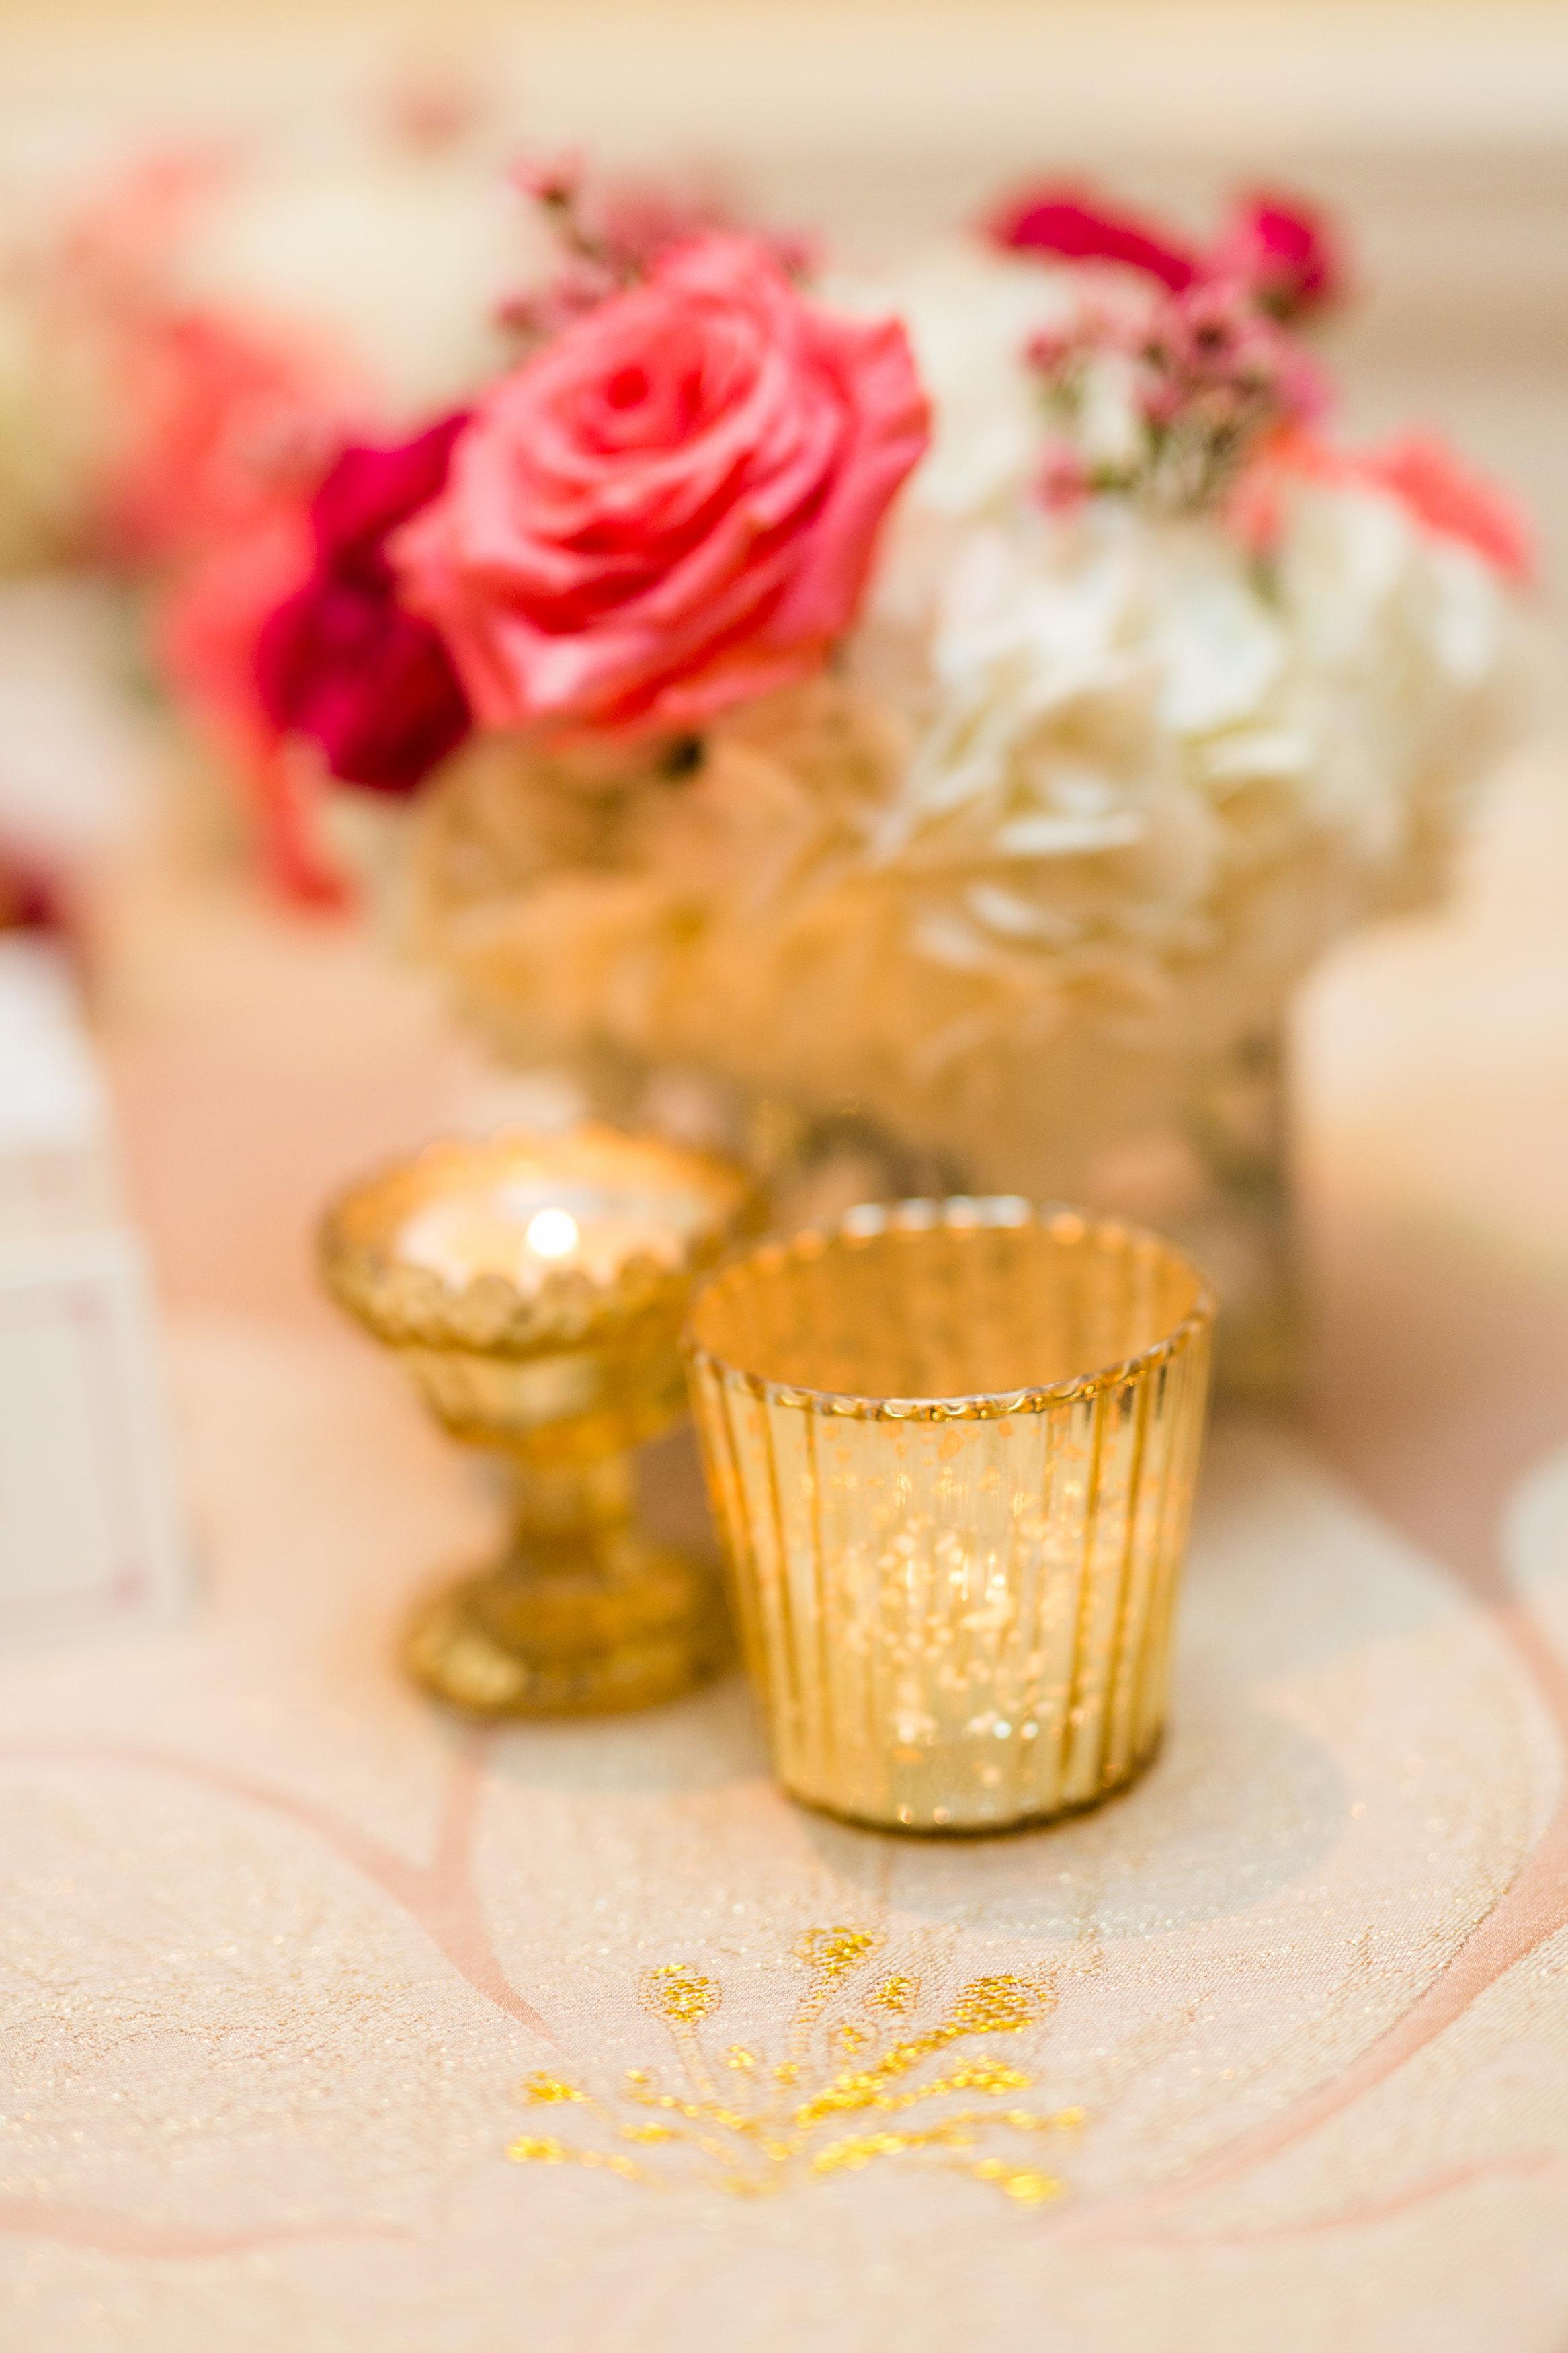 Coral Wedding, Standford, CT, Wedding, Bridal Party, Wedding Planning, CT Wedding Planner, Shoreline Wedding, Bride & Groom, Newlyweds, Mercury Glass